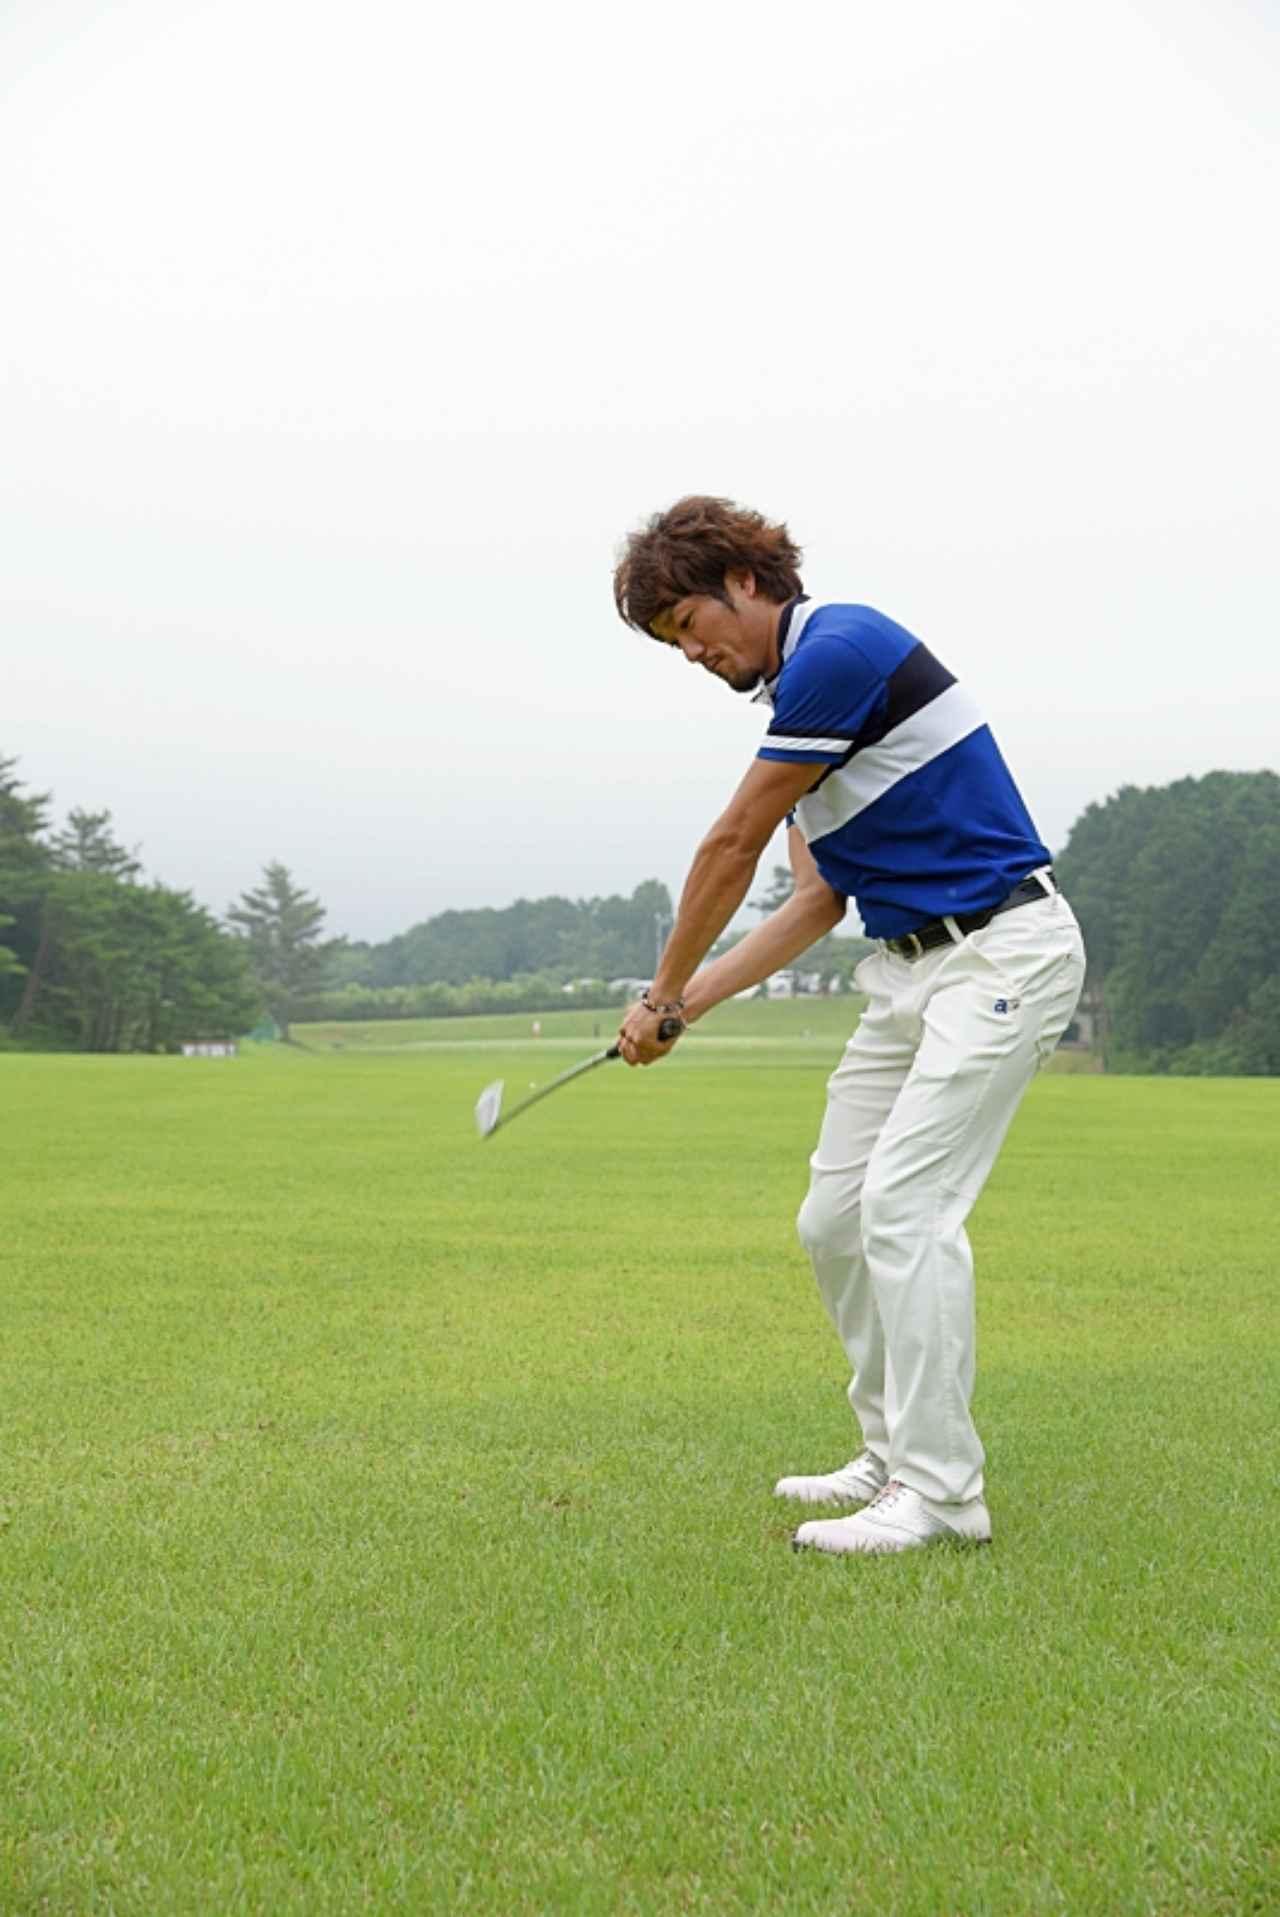 画像11: デイに学ぶルーティン術。ドローを打つなら前に出すのは「左足」